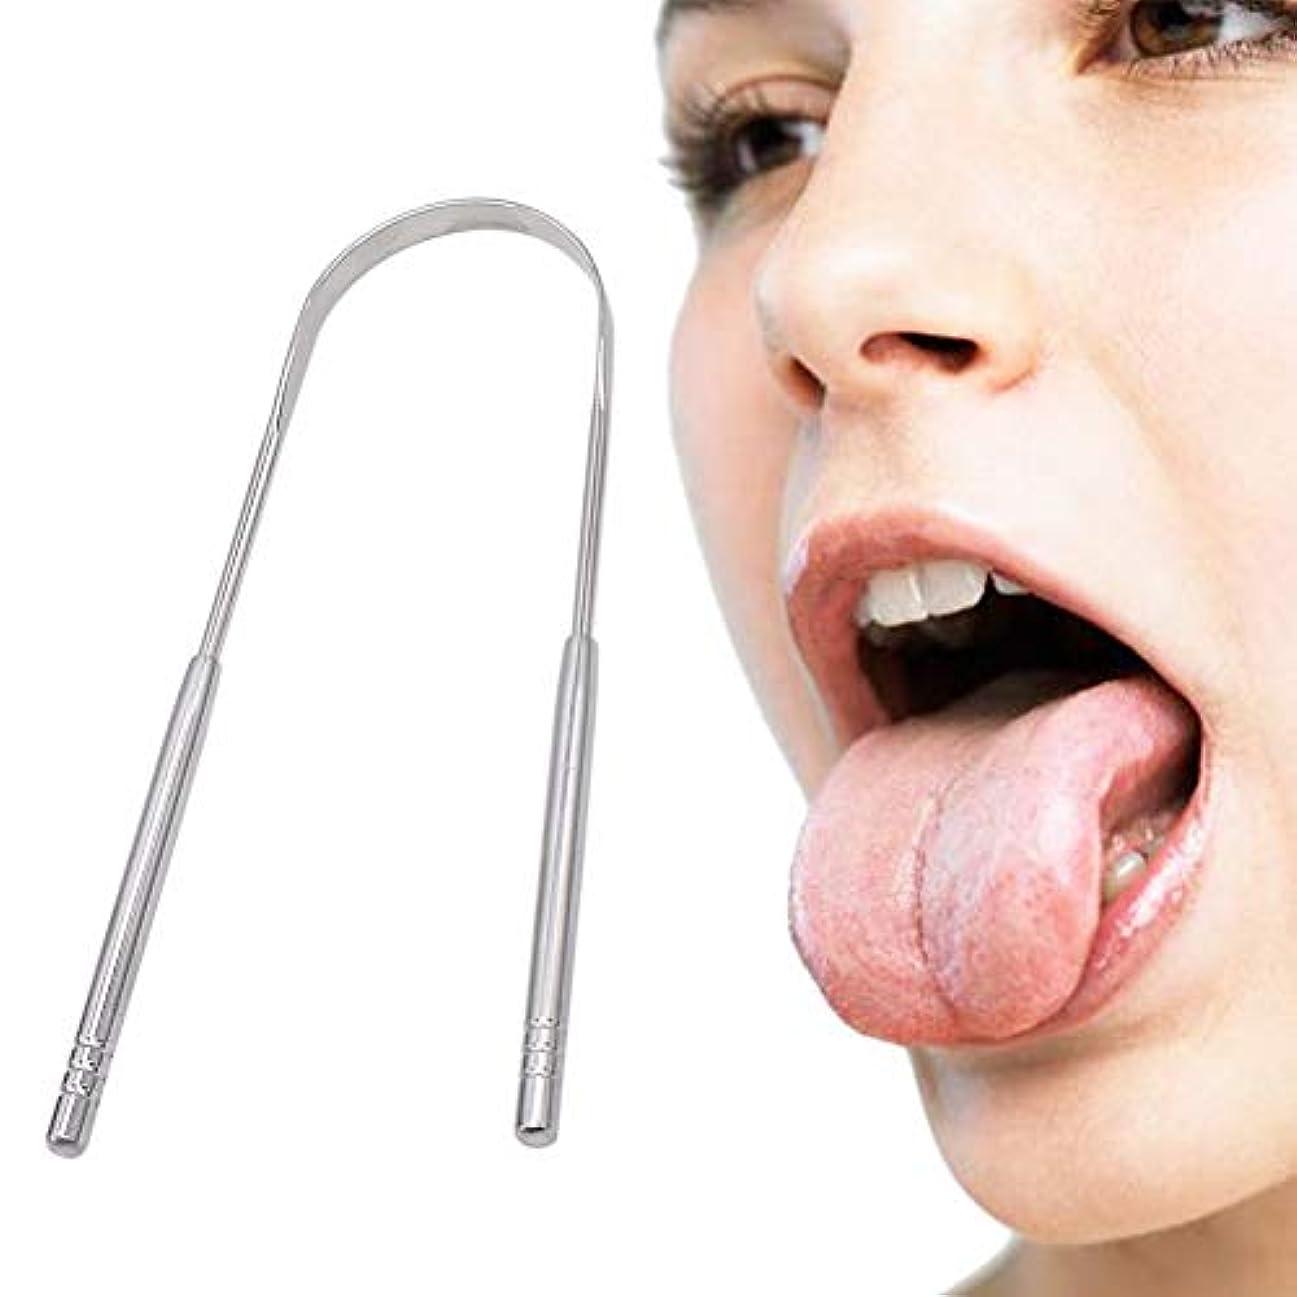 ピン薬ましいOral Dentistry 舌クリーナー 口臭スイーパー スクレーパー 口腔ケア 舌みがき 舌用 抗菌 健康ツール ステンレス鋼 口臭予防